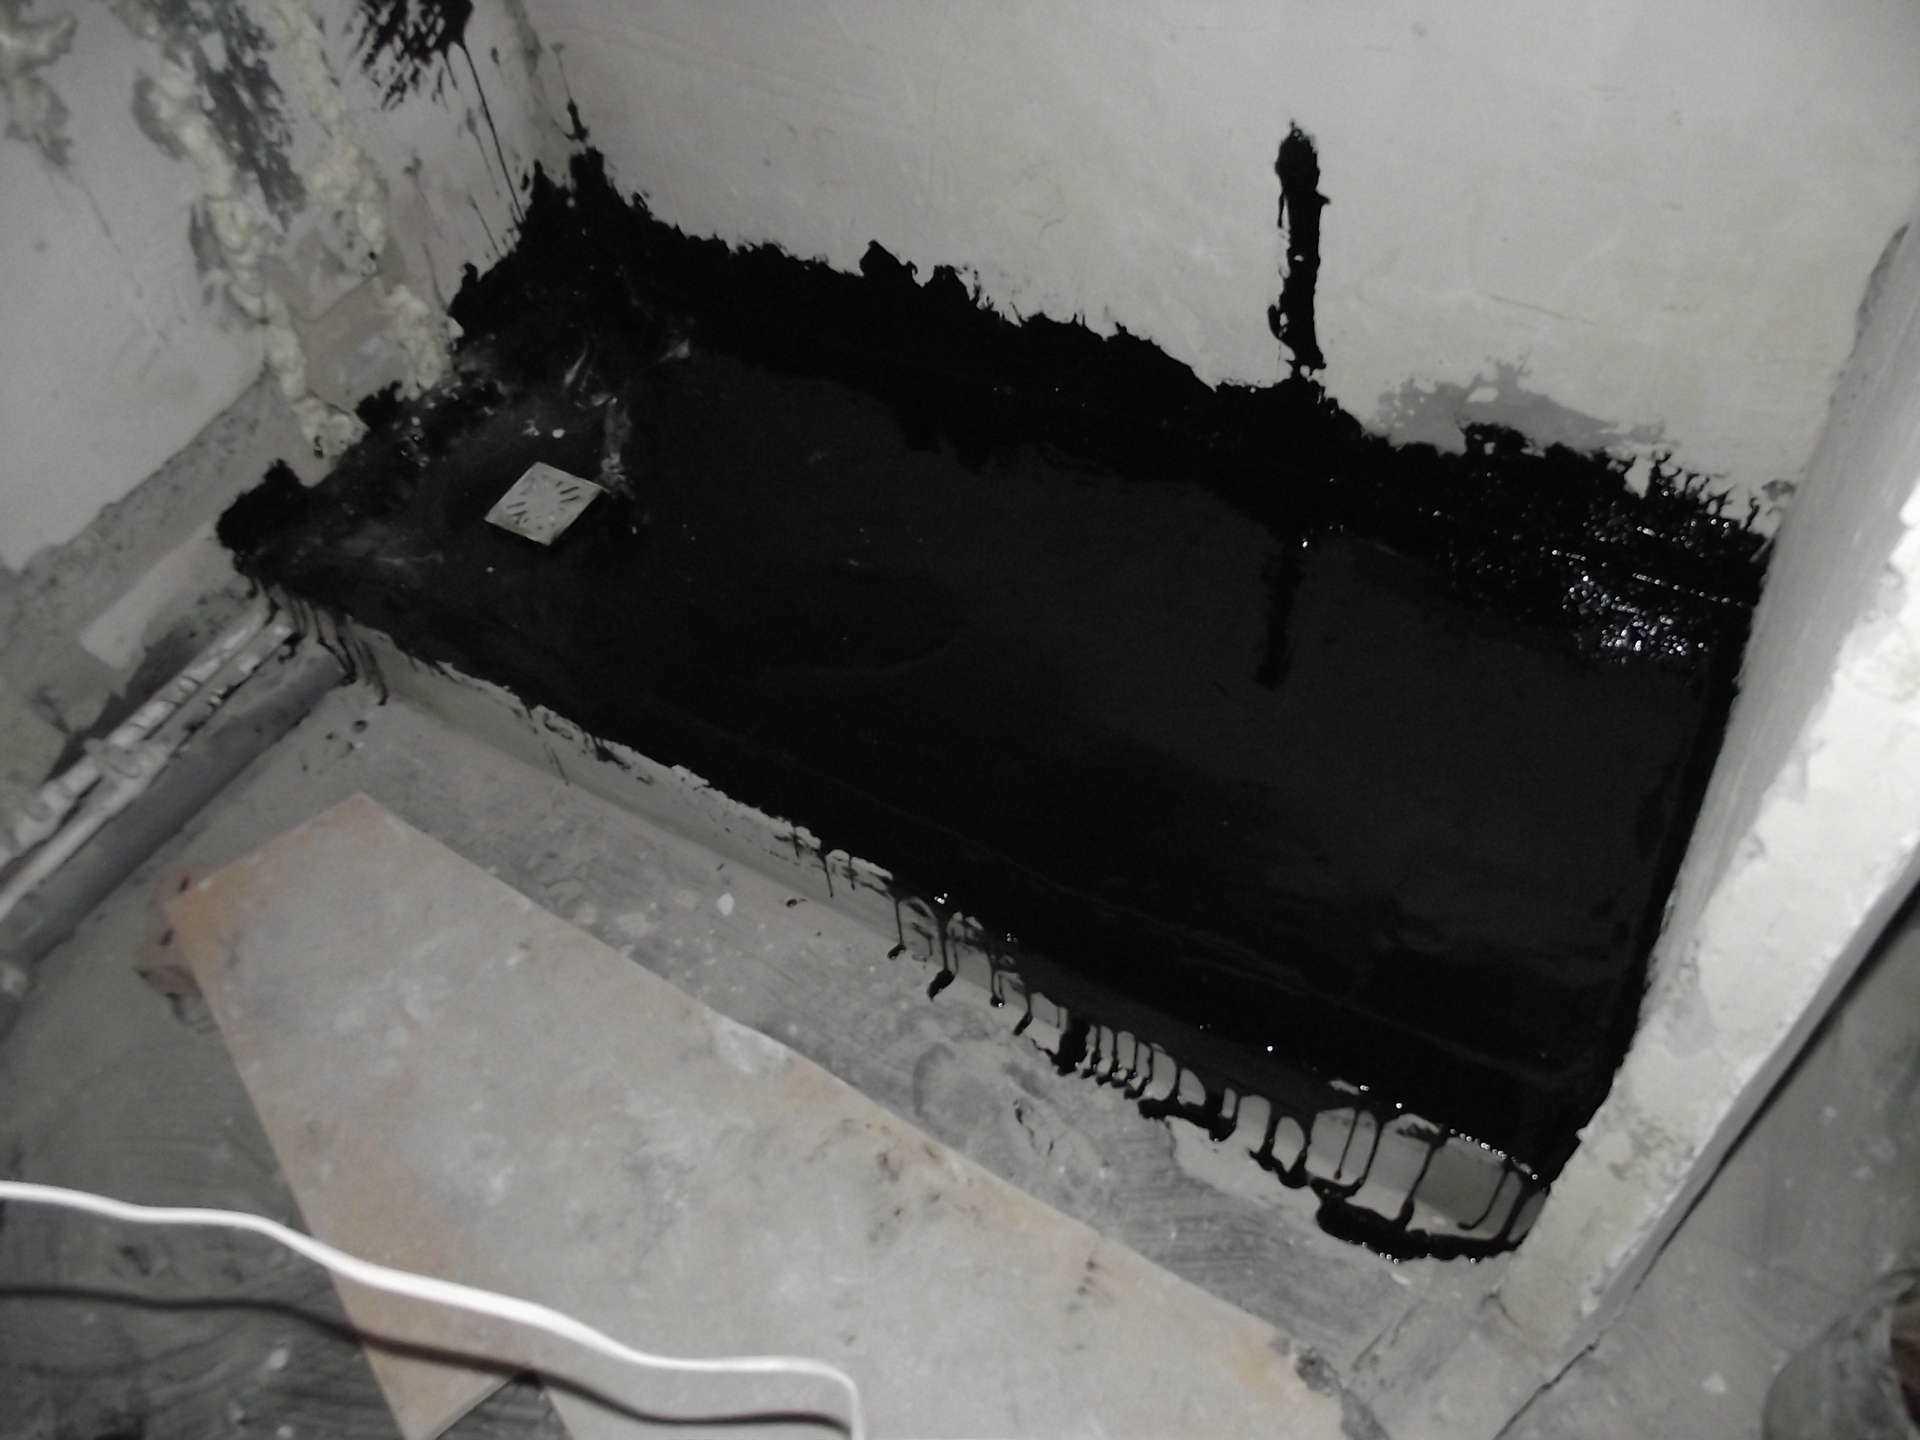 пример гидроизоляции трапа в полу ванной комнаты обмазочным способом с поддоном